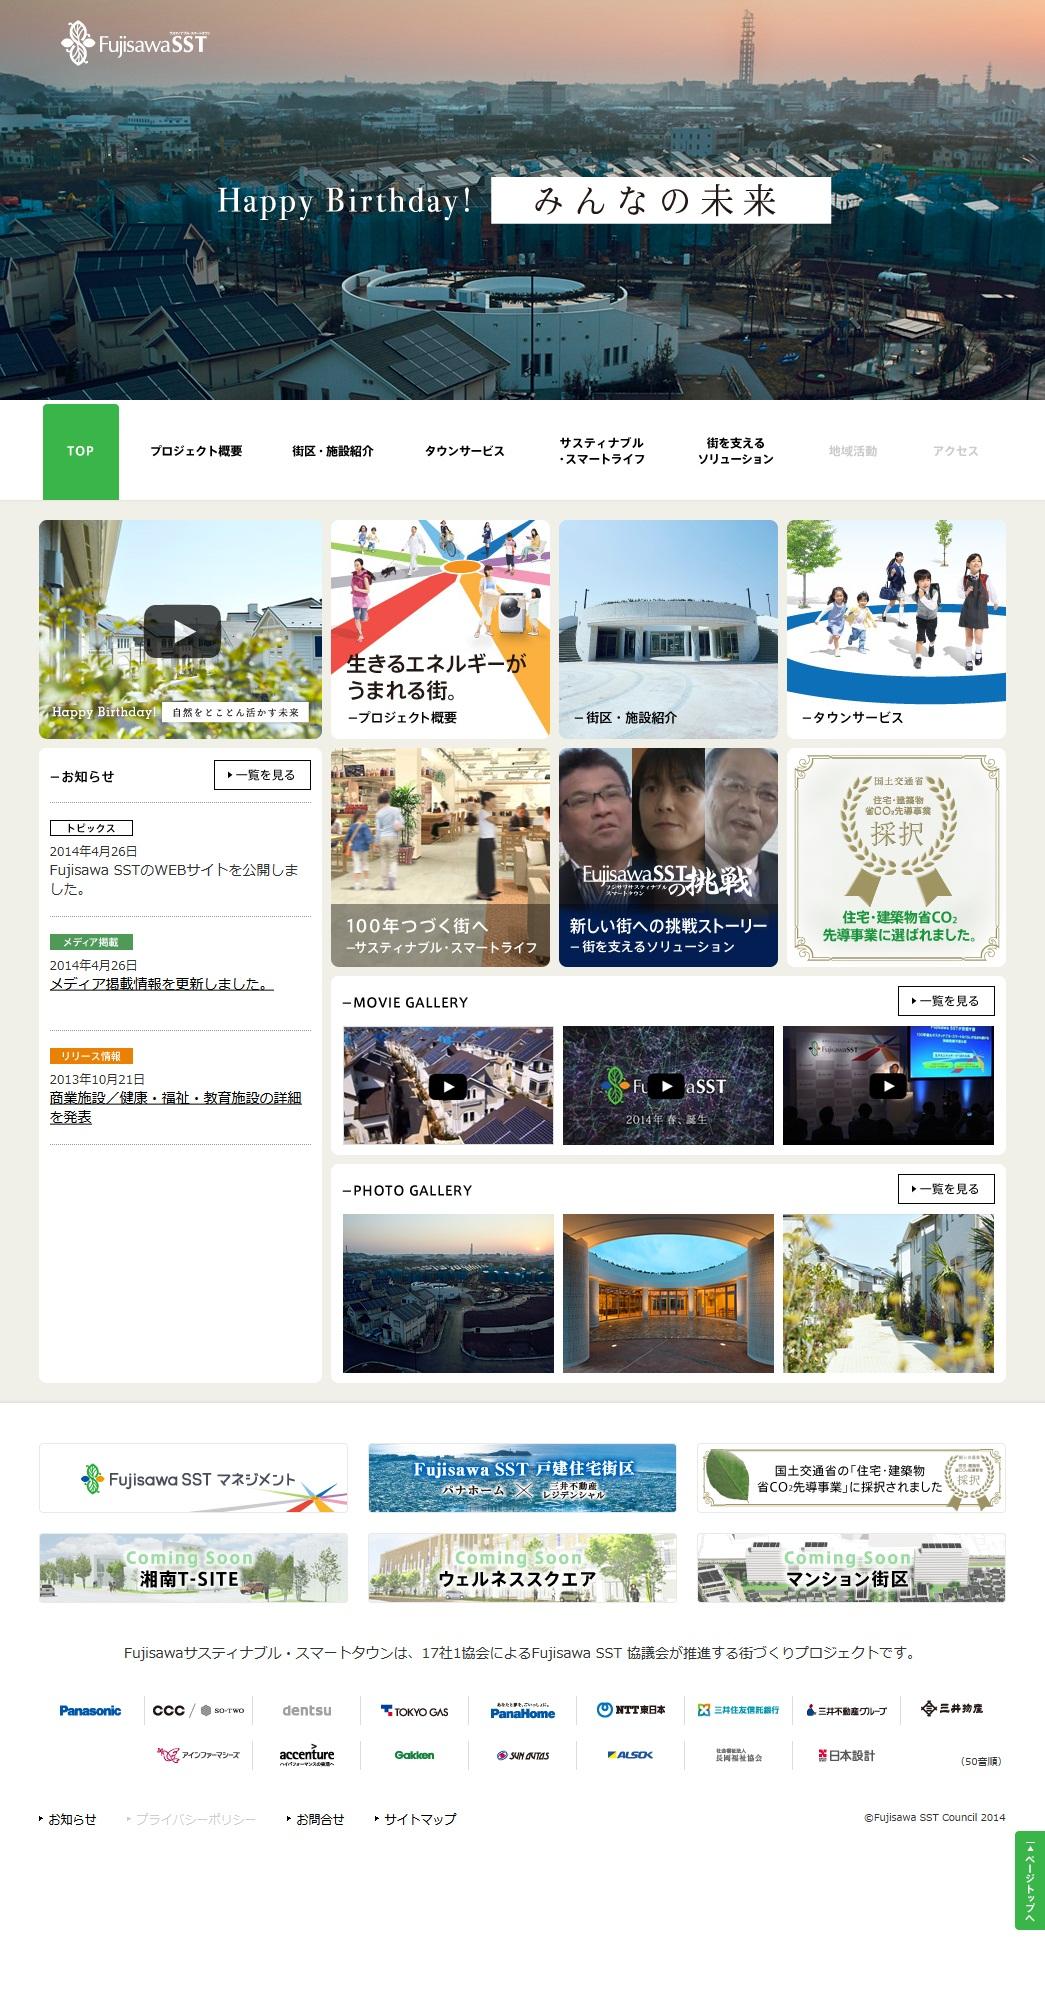 Fujisawa SST ホームページ